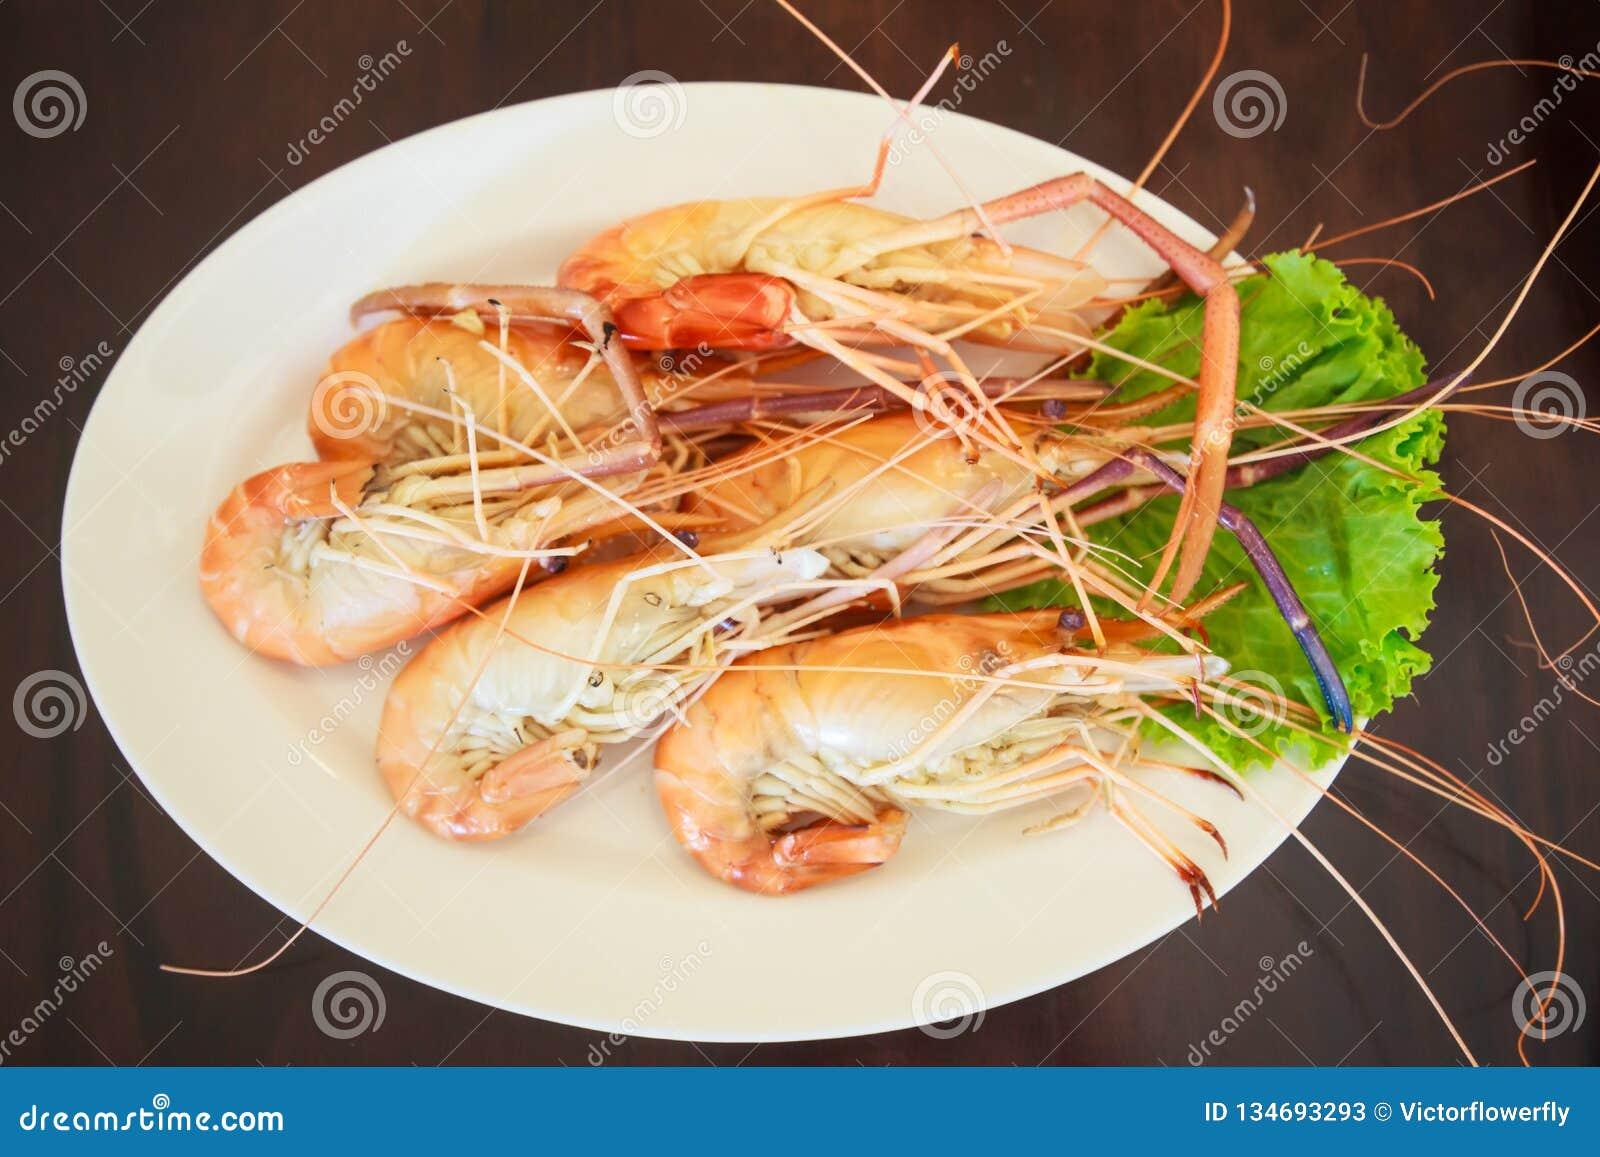 Gedämpfte Meeresfrüchte vom Seemarkt, frischer geschmackvoller appetitanregender gekochter Tiger Prawns auf Holztisch-Hintergrund